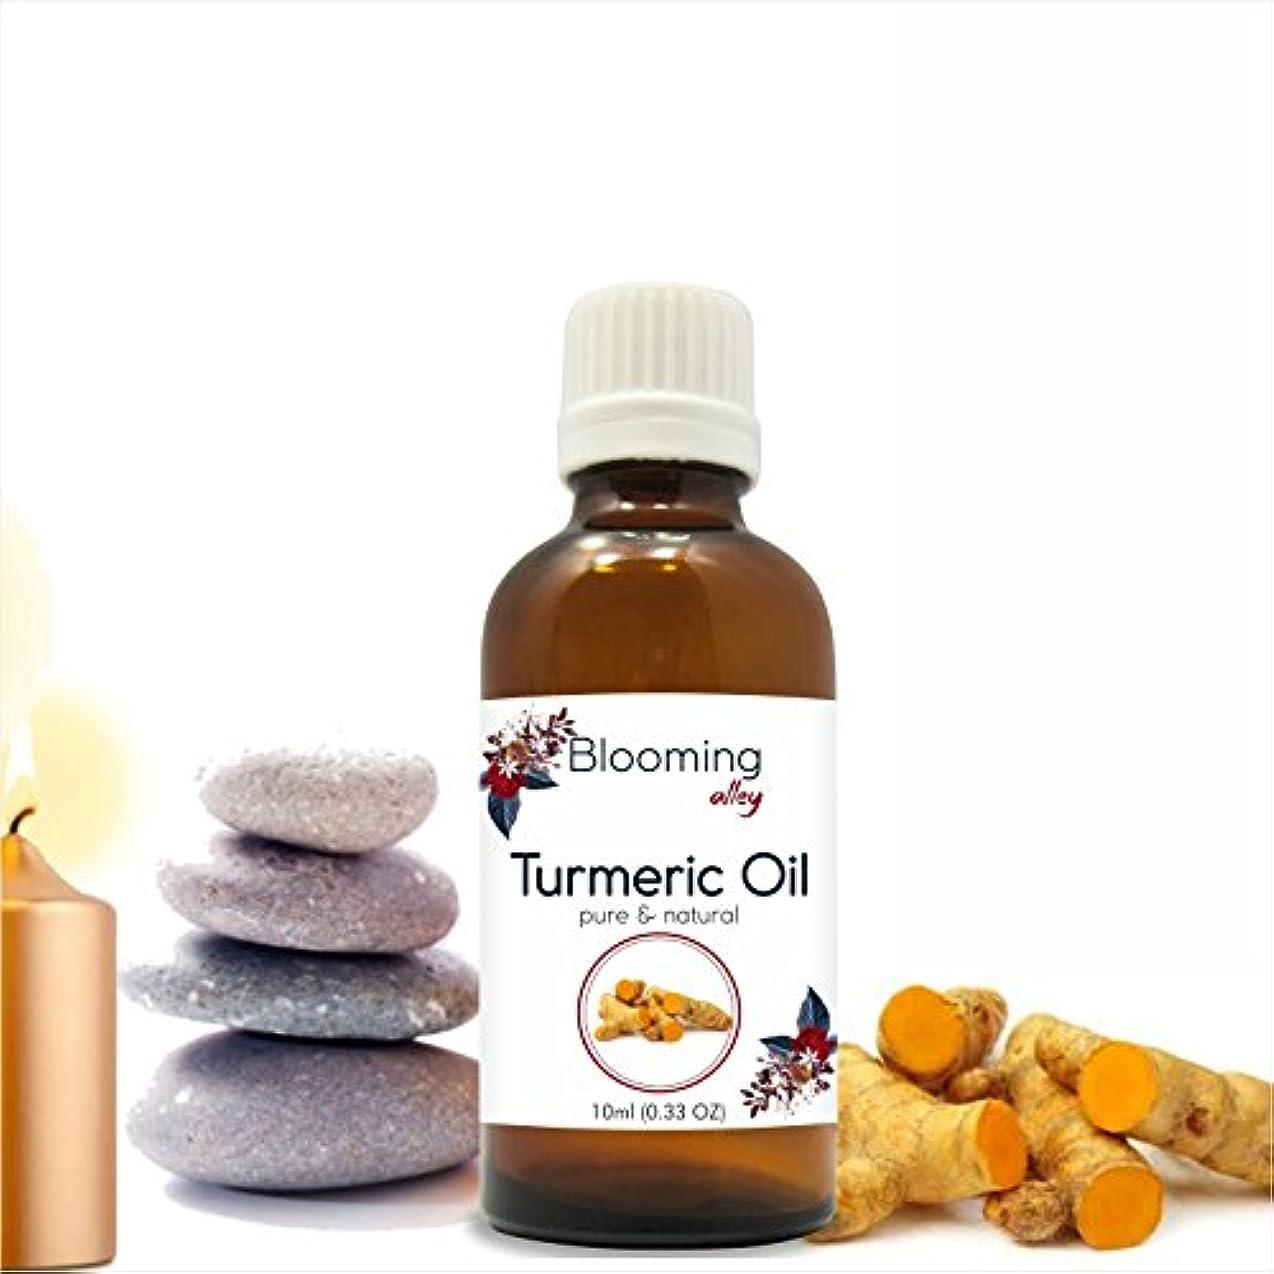 ラジカル高度残高Turmeric Oil (Curcuma Longa) Essential Oil 10 ml or 0.33 Fl Oz by Blooming Alley